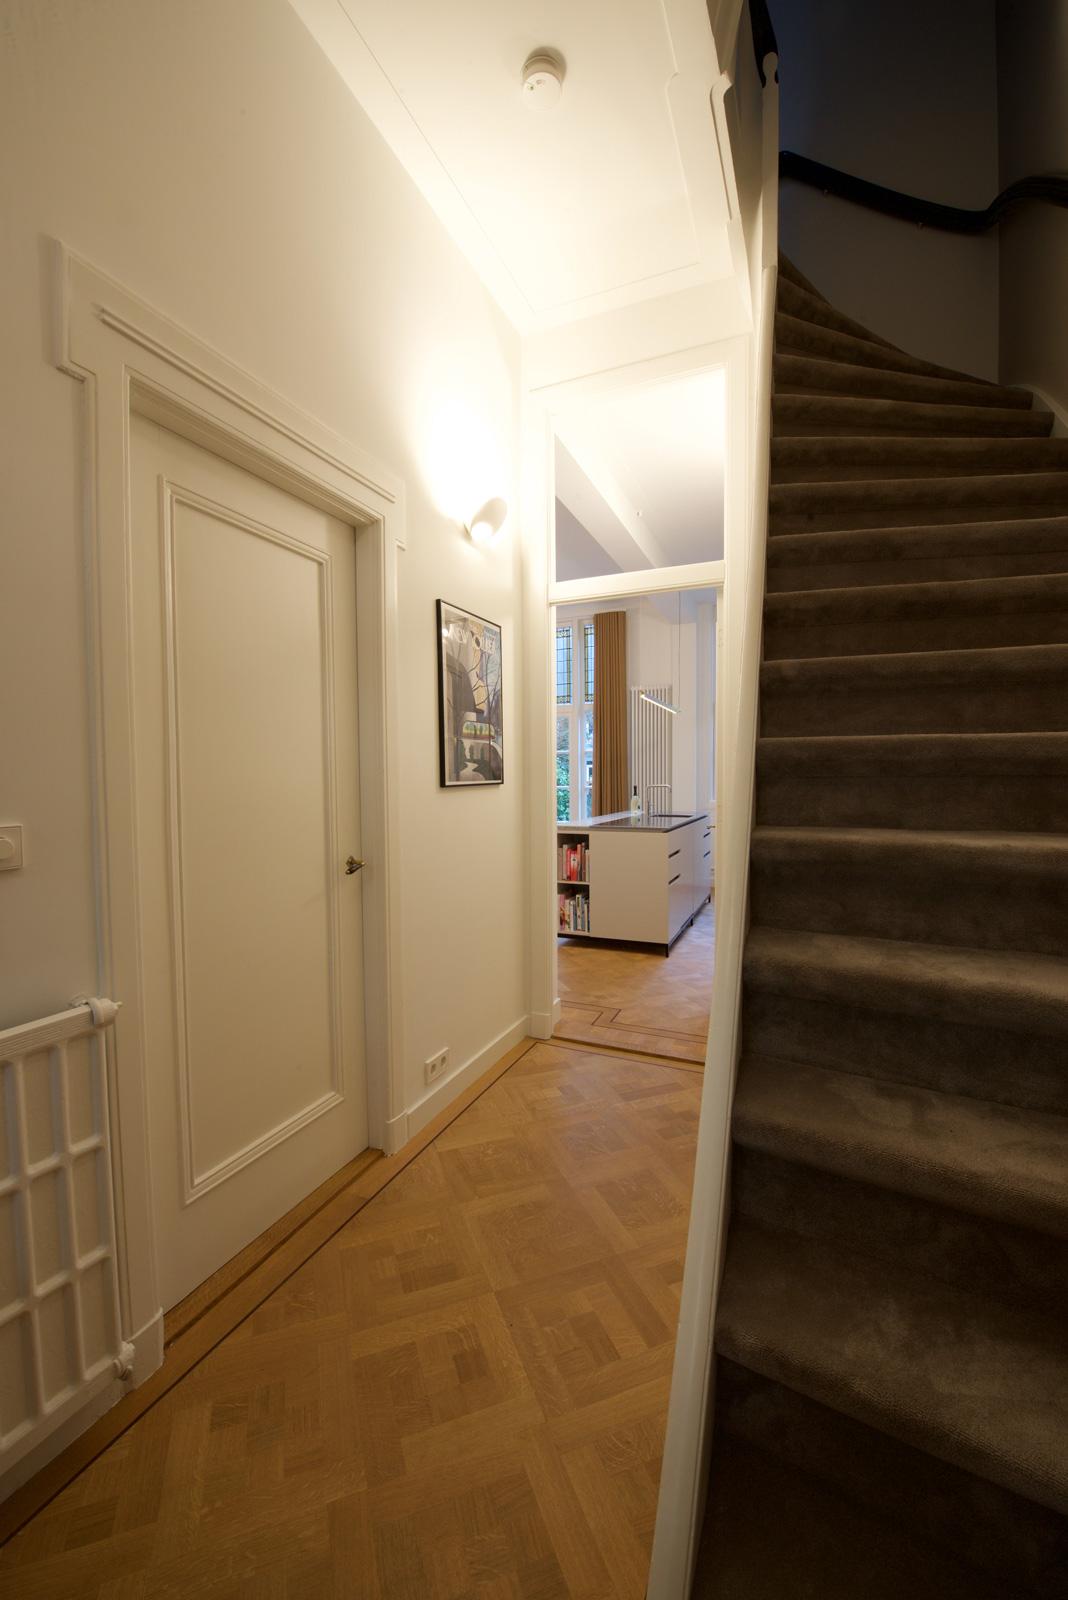 interieur herenhuis